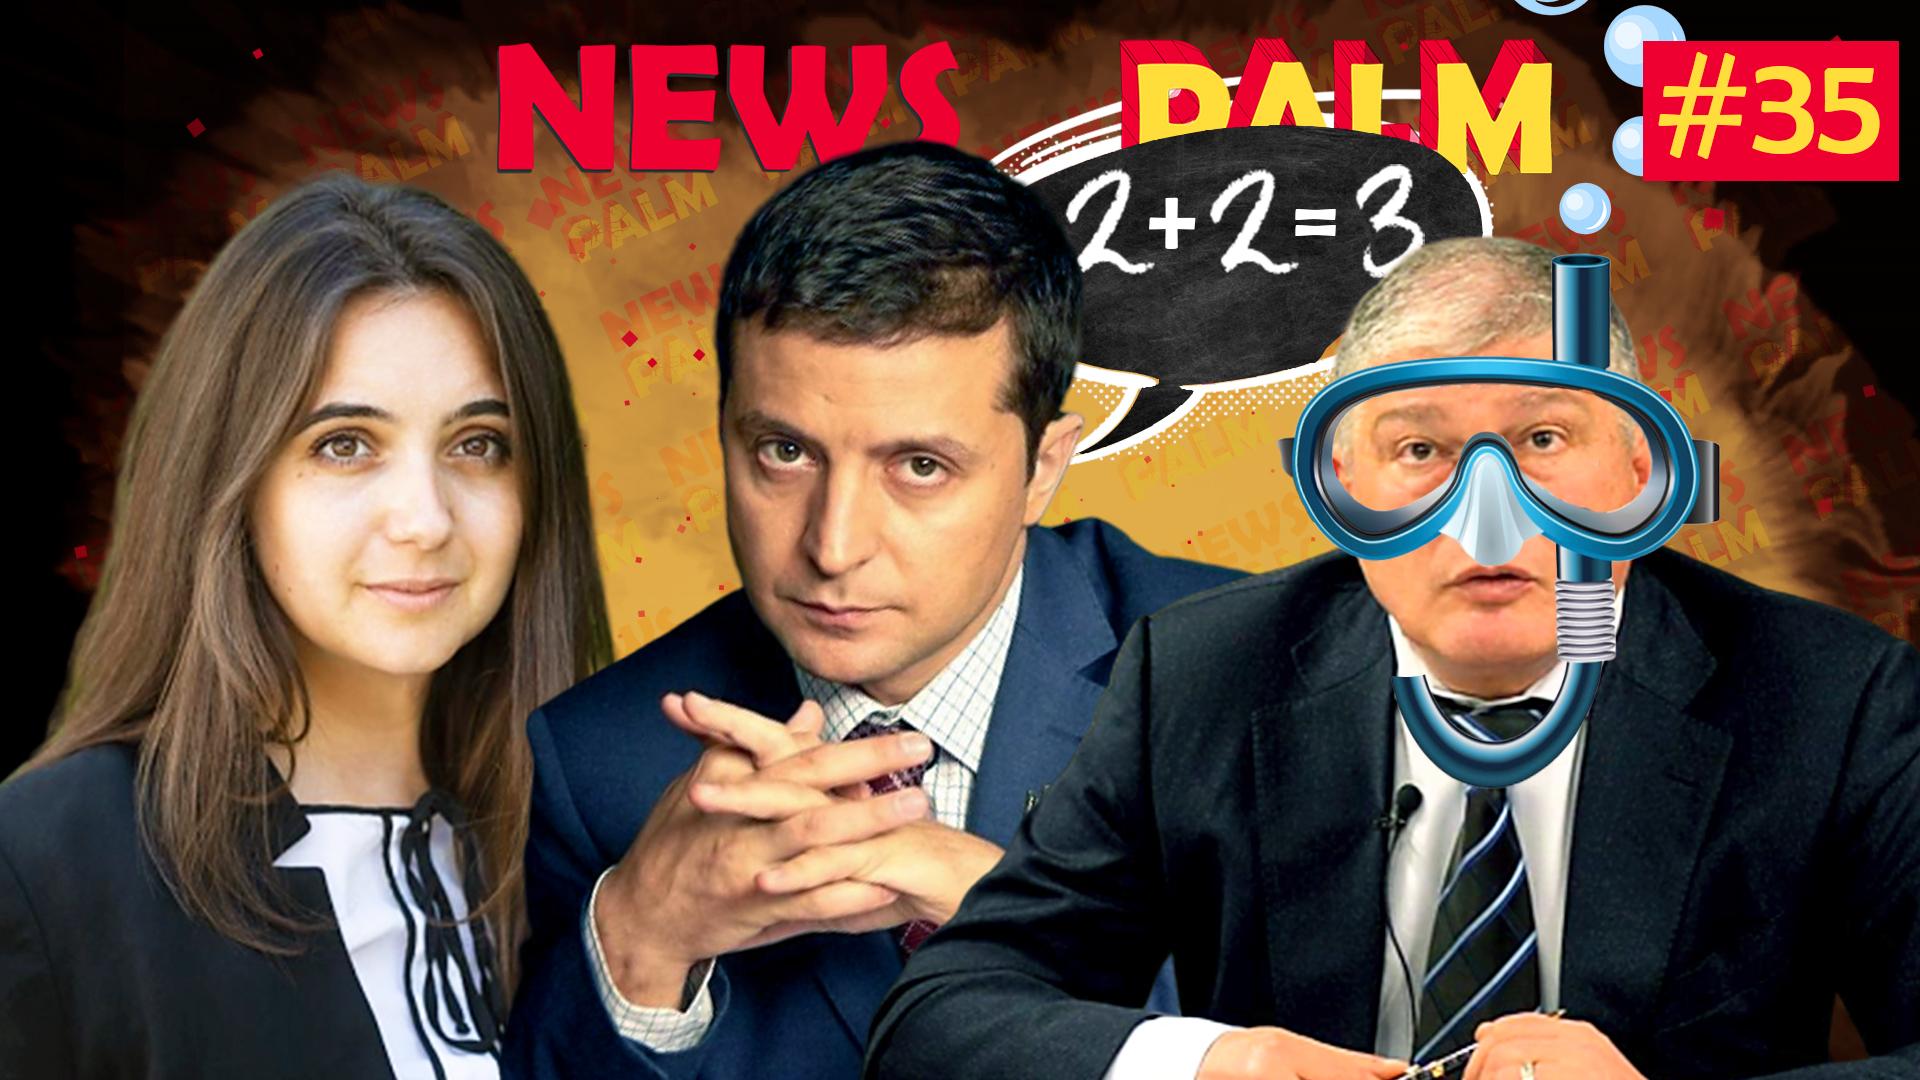 Червоненко виринає на NewsOne, Мендель рахує журналістів «Радіо Свобода», Зеленський повчає прем'єра / Ньюспалм #35